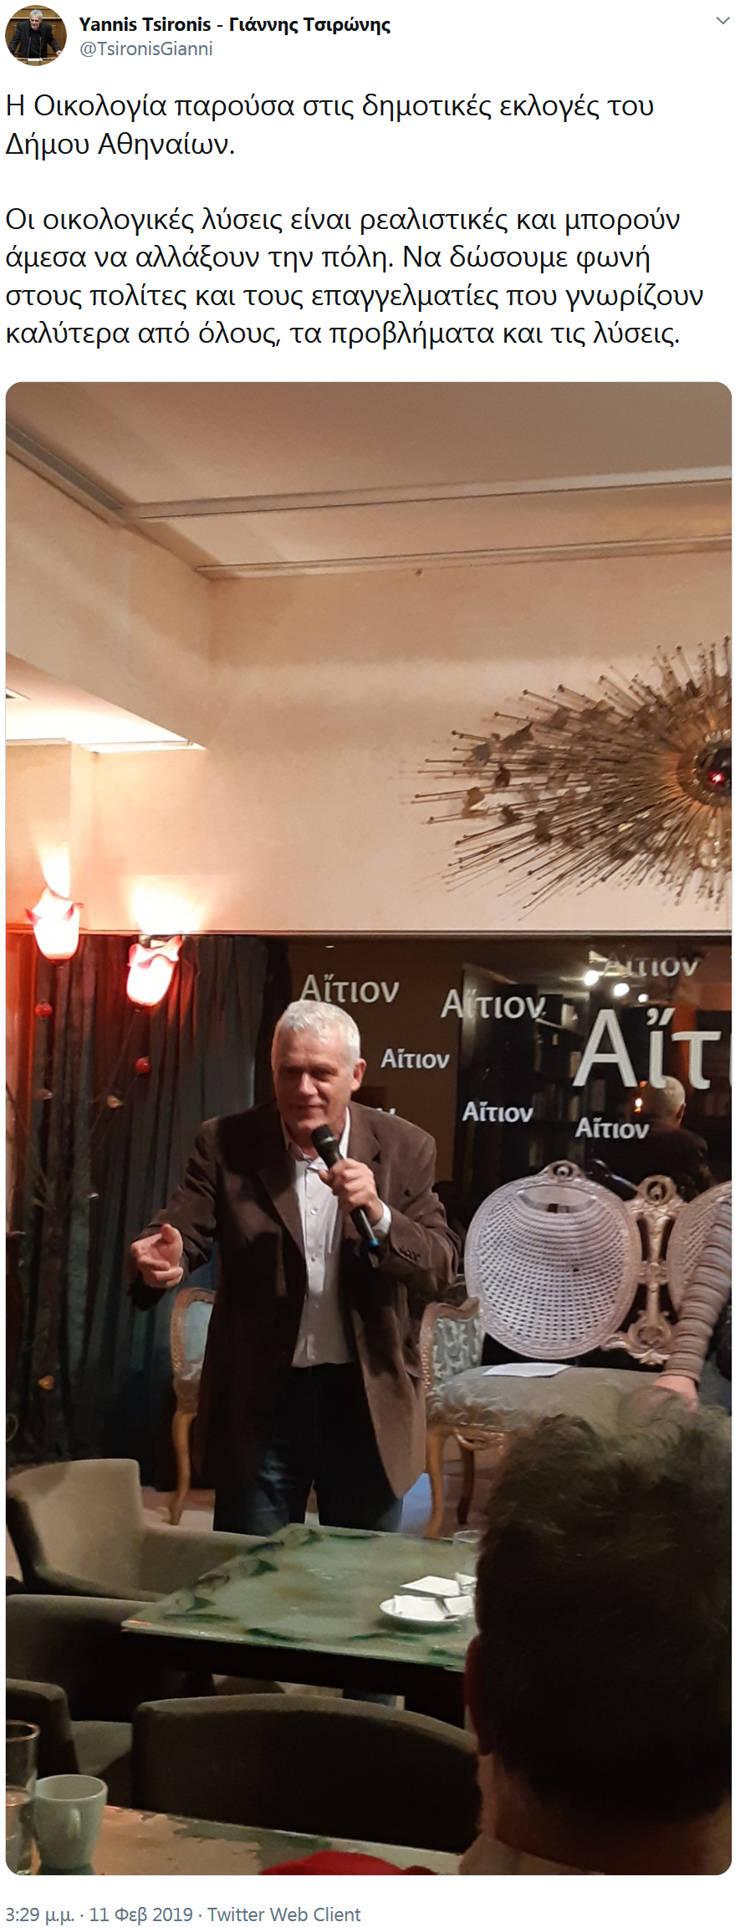 Υποψήφιος δήμαρχος Αθηναίων με τους Οικολόγους Πράσινους ο Γιάννης Τσιρώνης